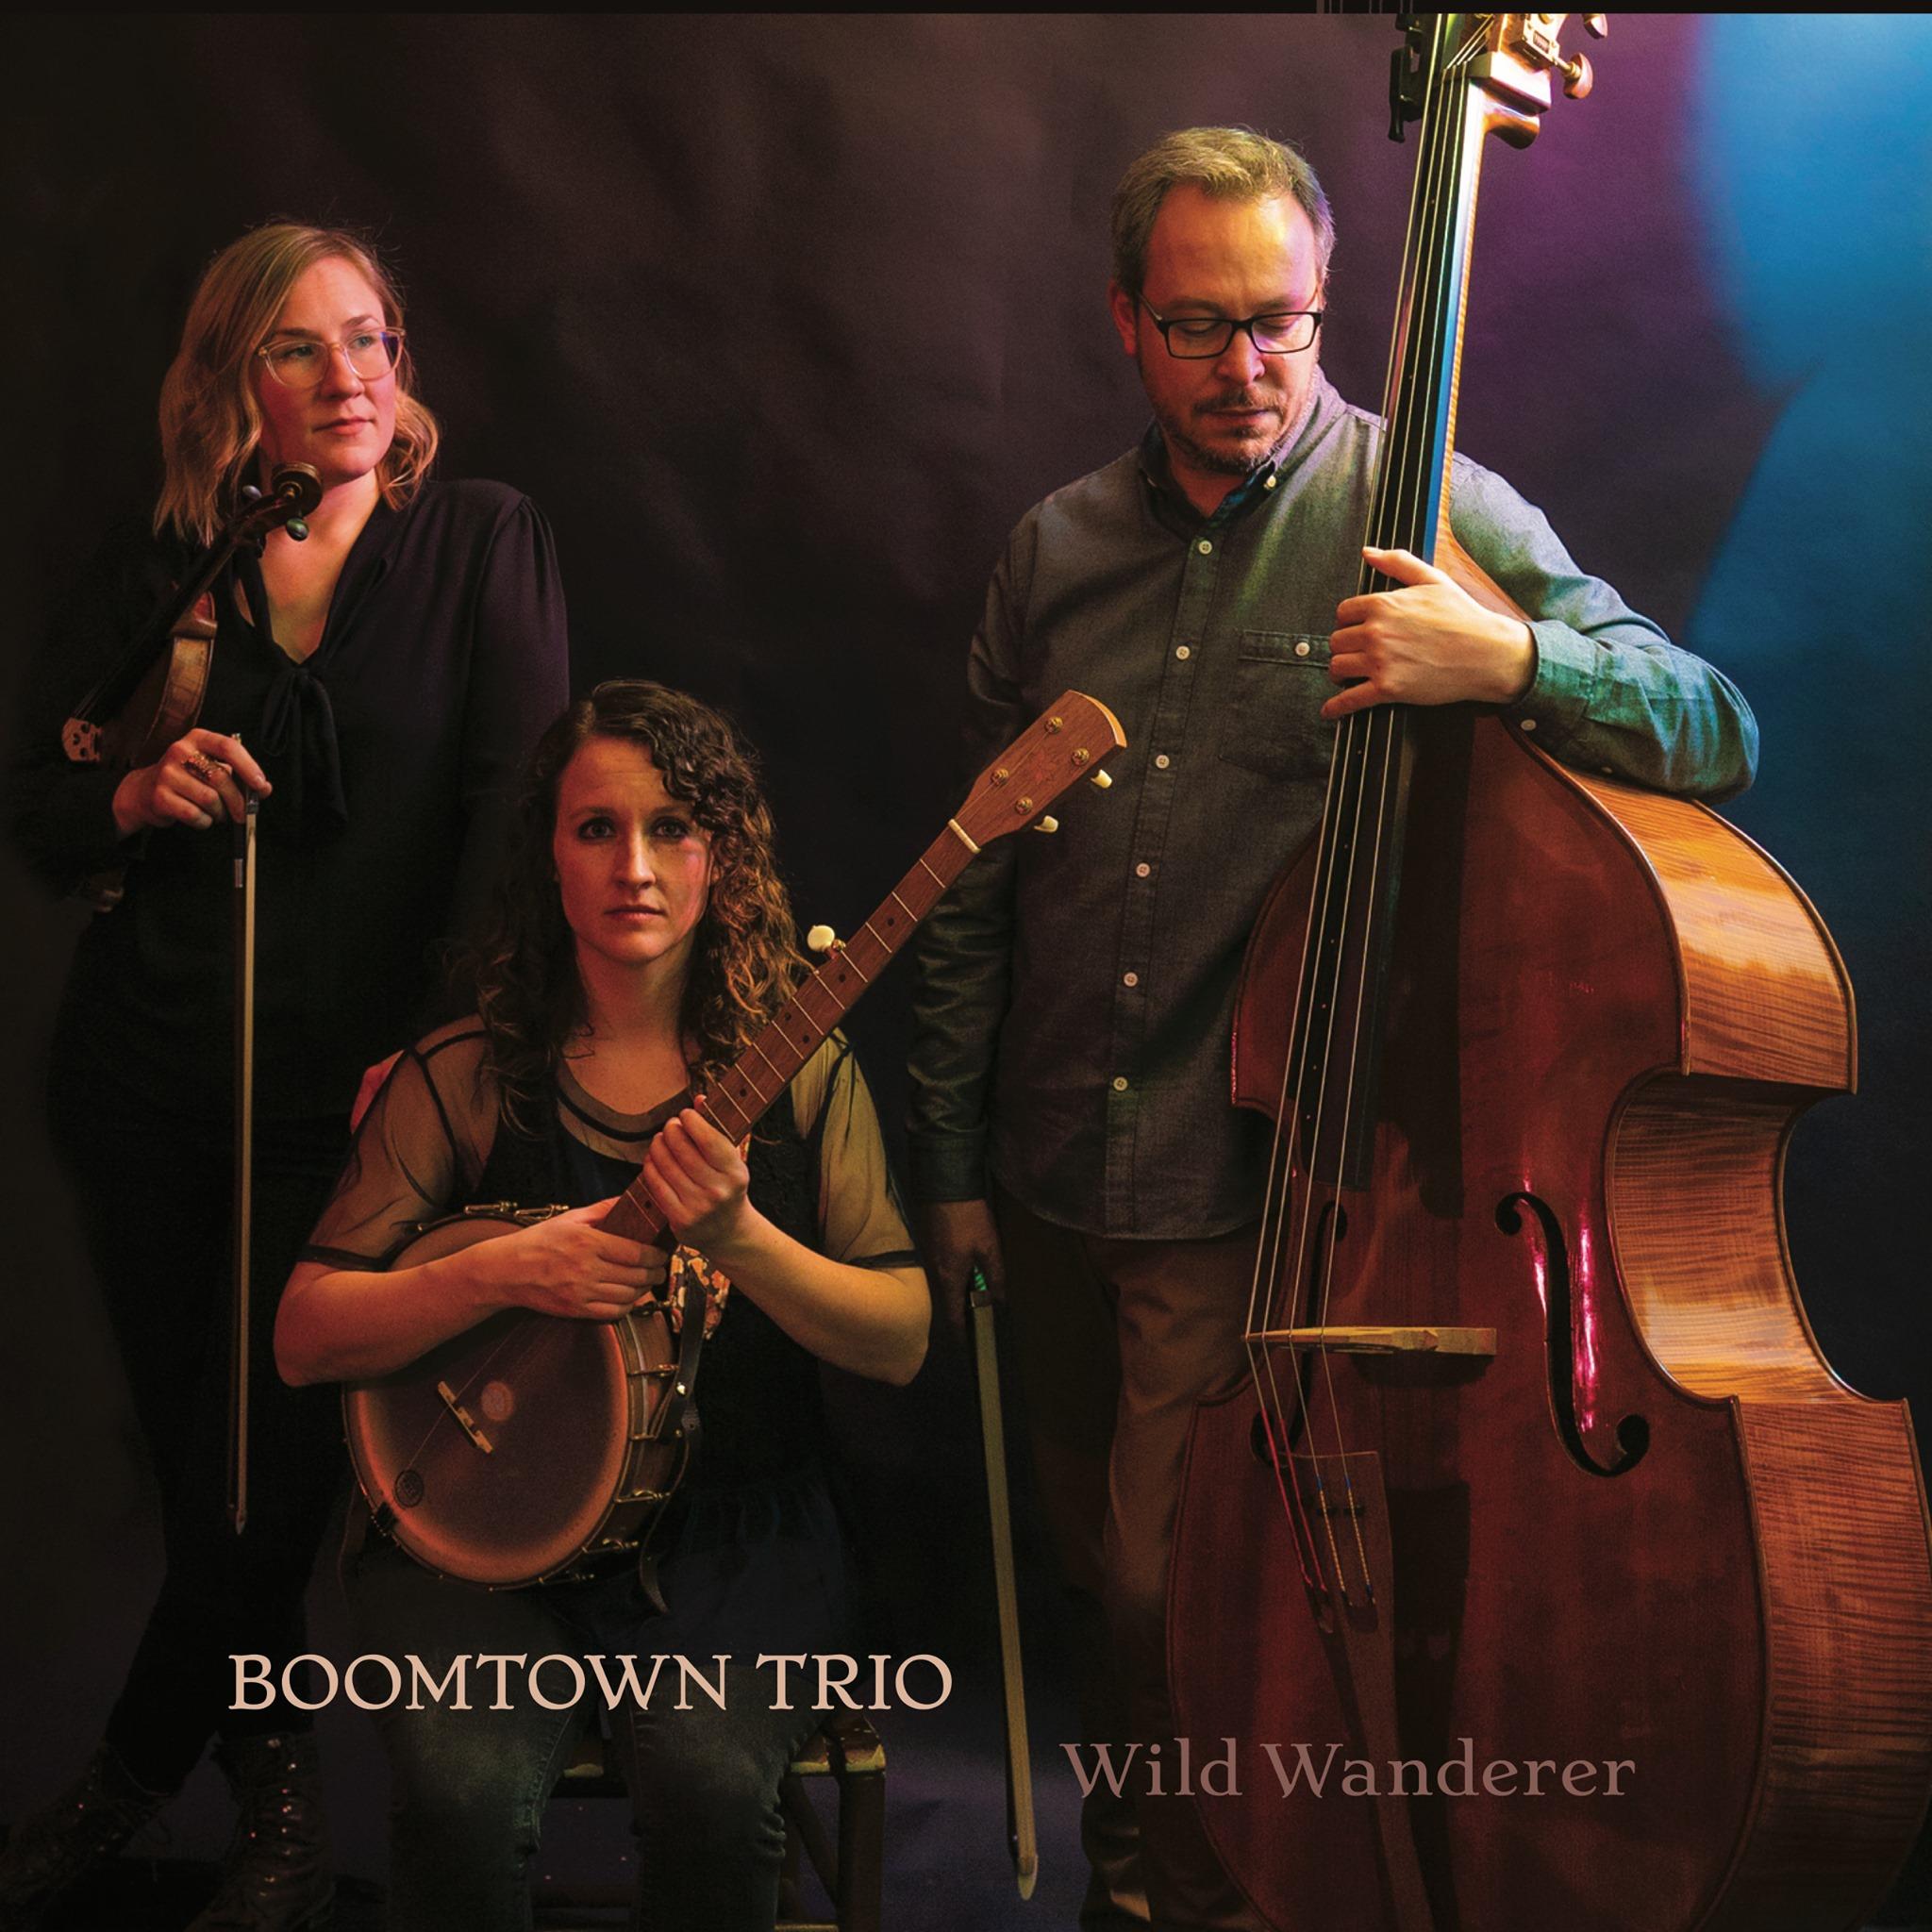 boomtown trio